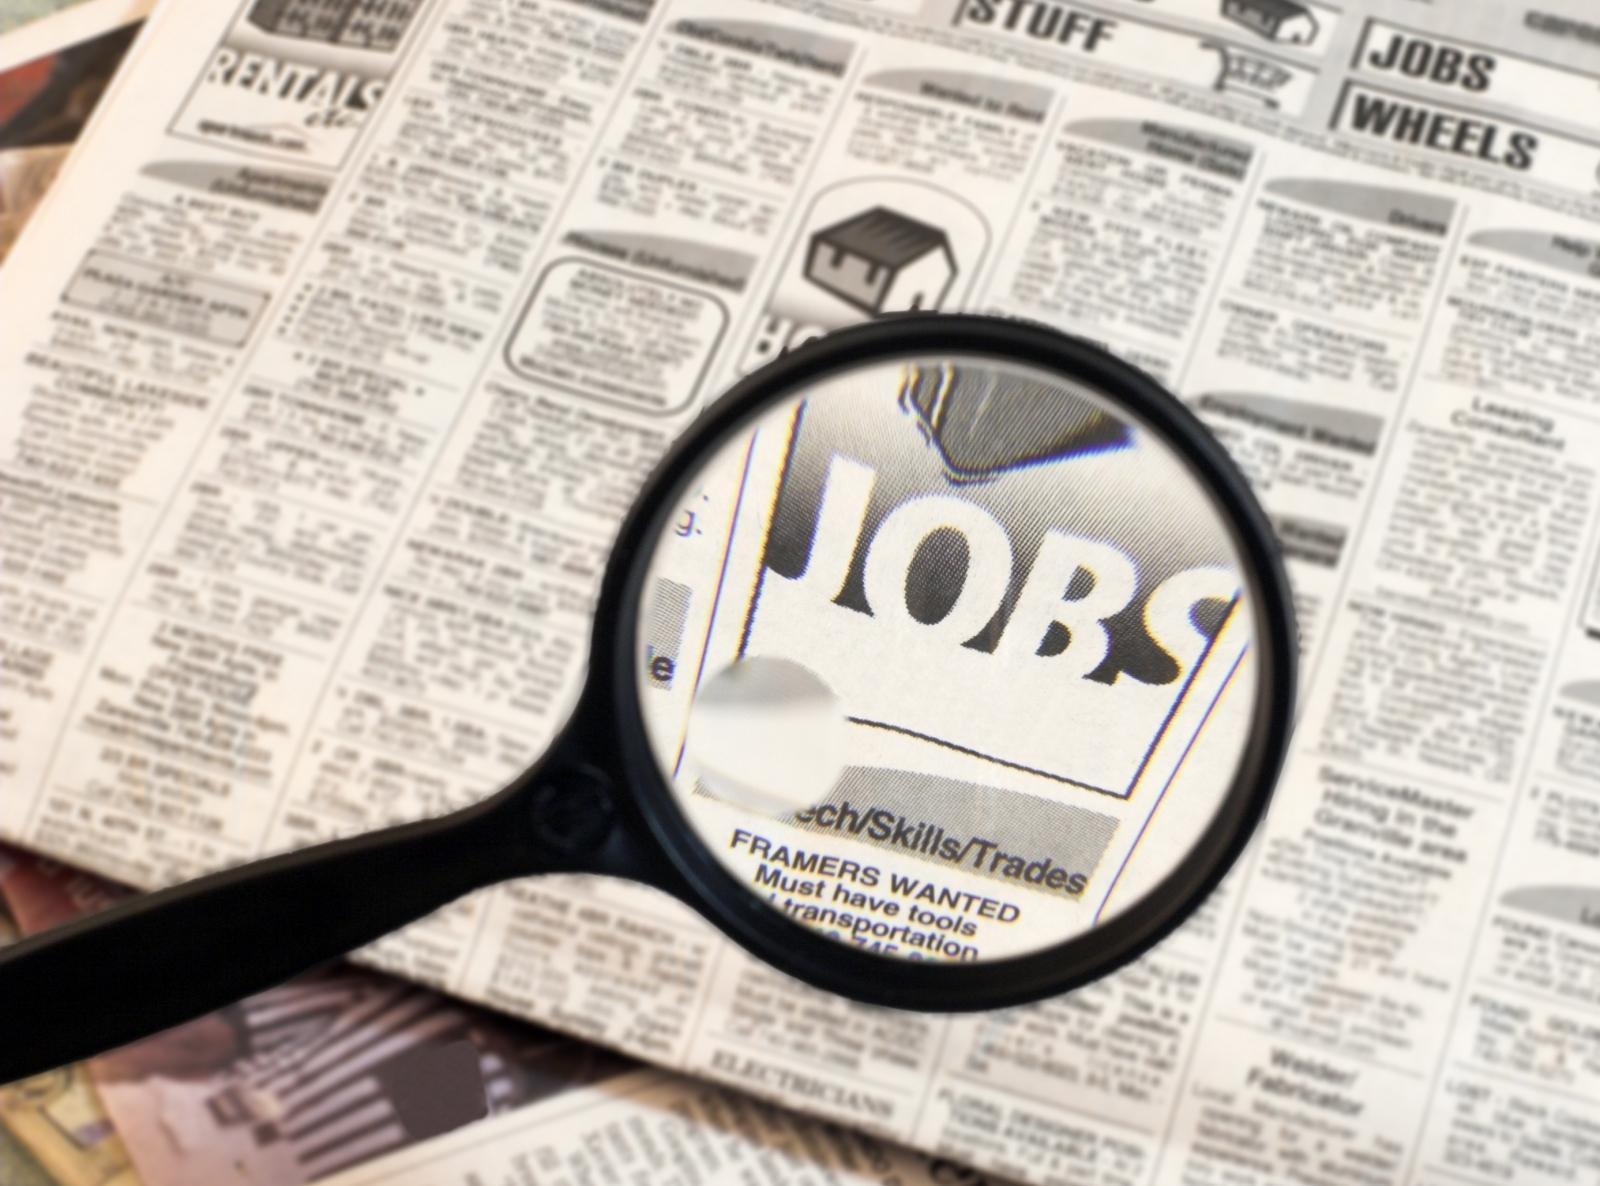 Những kinh nghiệm hữu ích khi tìm kiếm việc làm